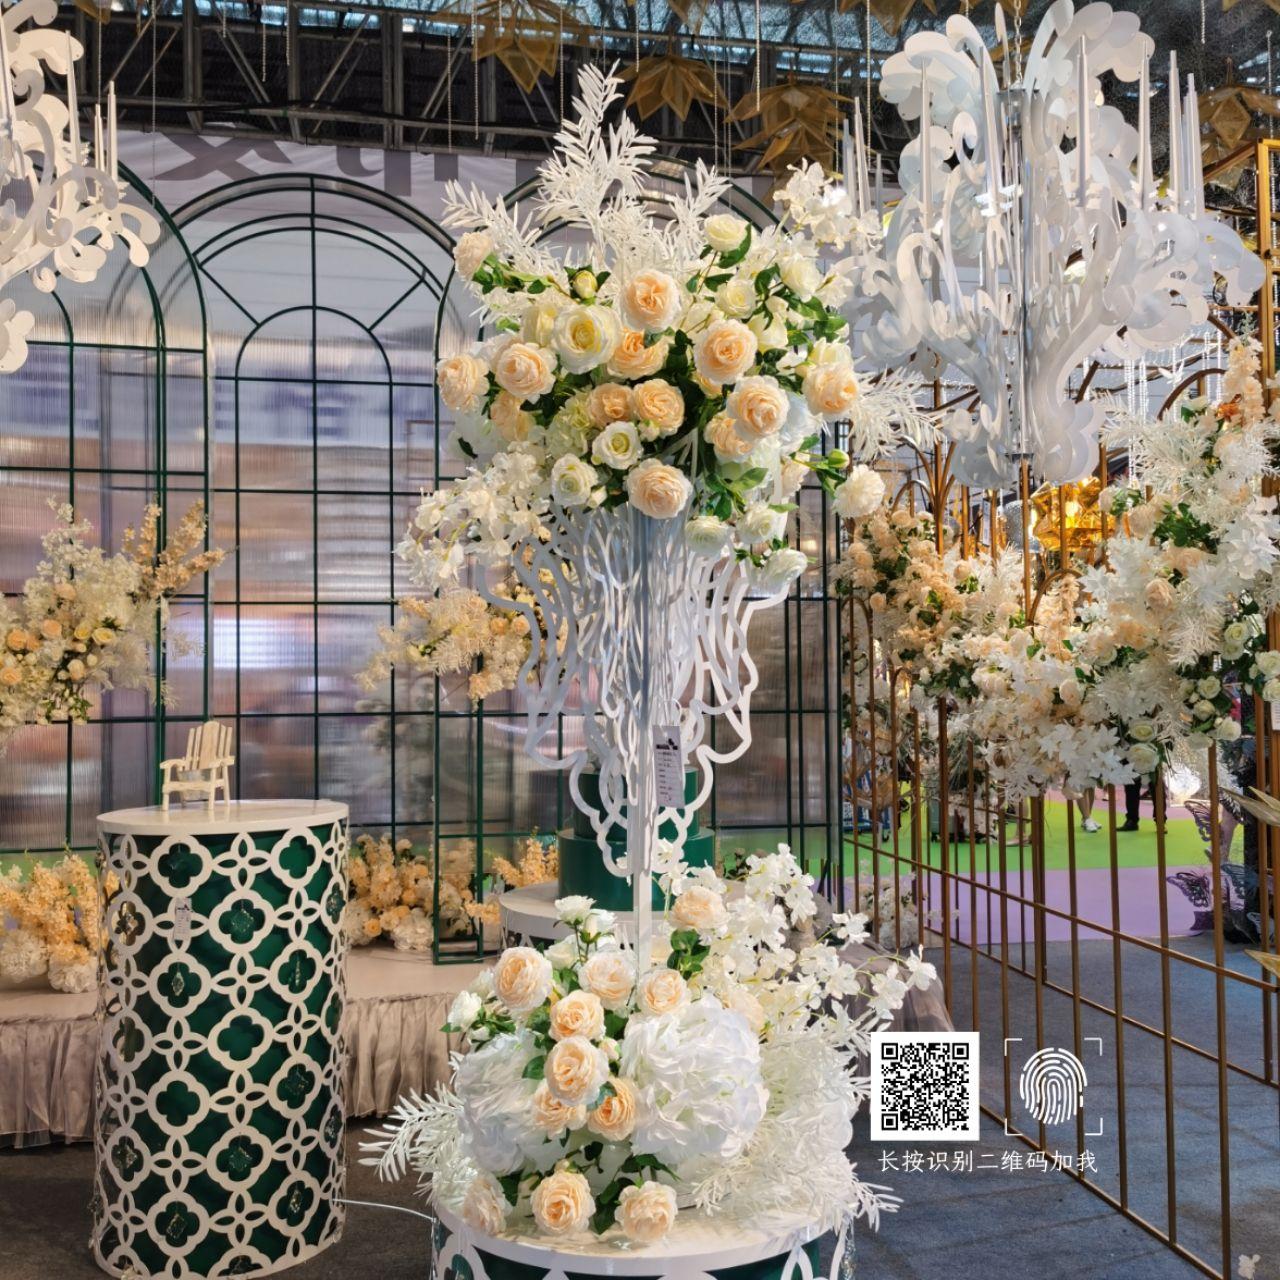 义乌海韵婚庆道具--2020年新品 韩式烛台桌花  甜品桌婚礼装饰